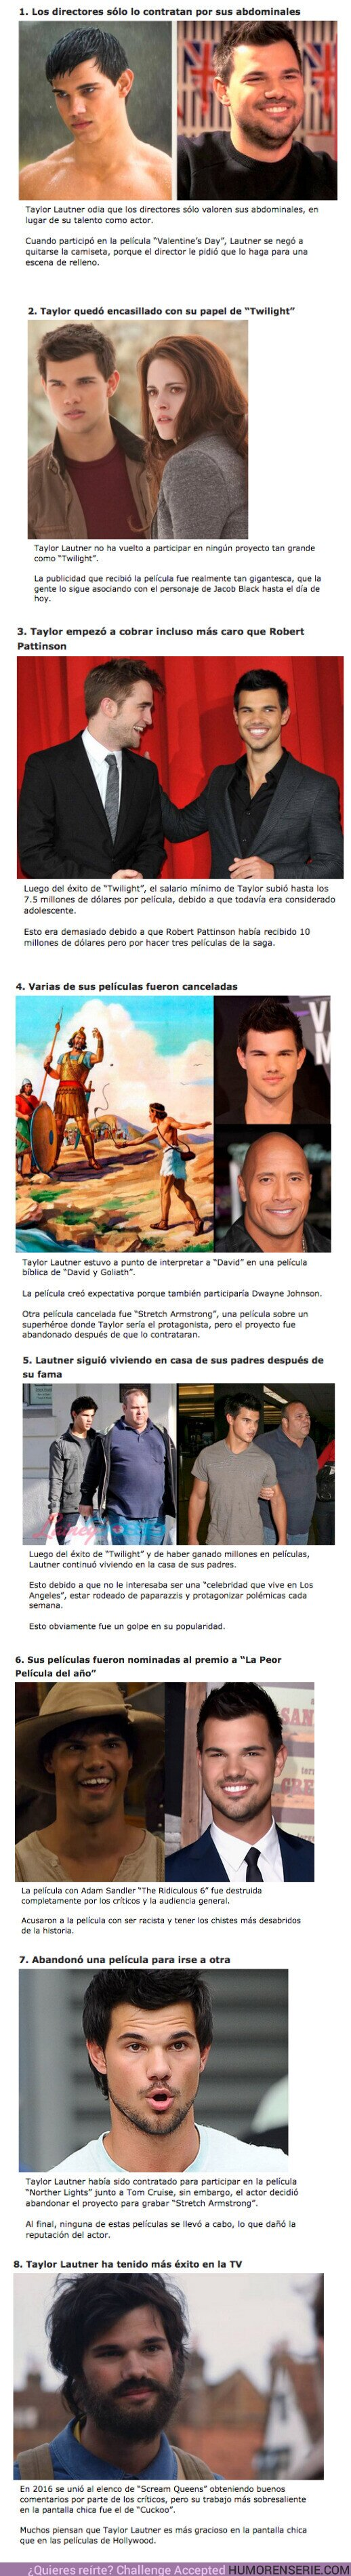 64882 - GALERÍA: 8 Razones por las que Hollywood ya no contrata a Taylor Lautner